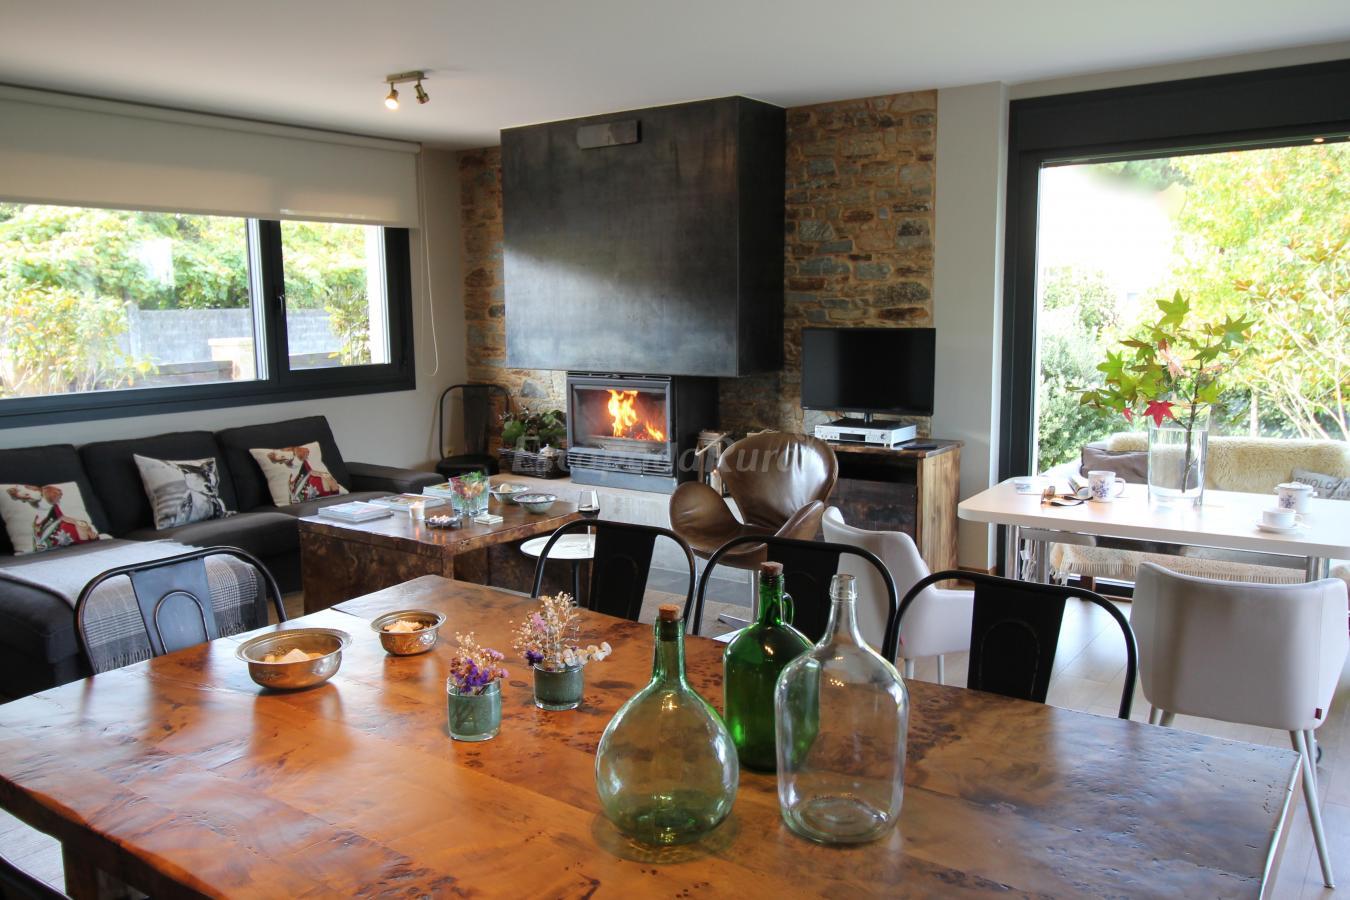 Fotos von Casa da Chavella - Casa rural en Carballo (A Coruña)